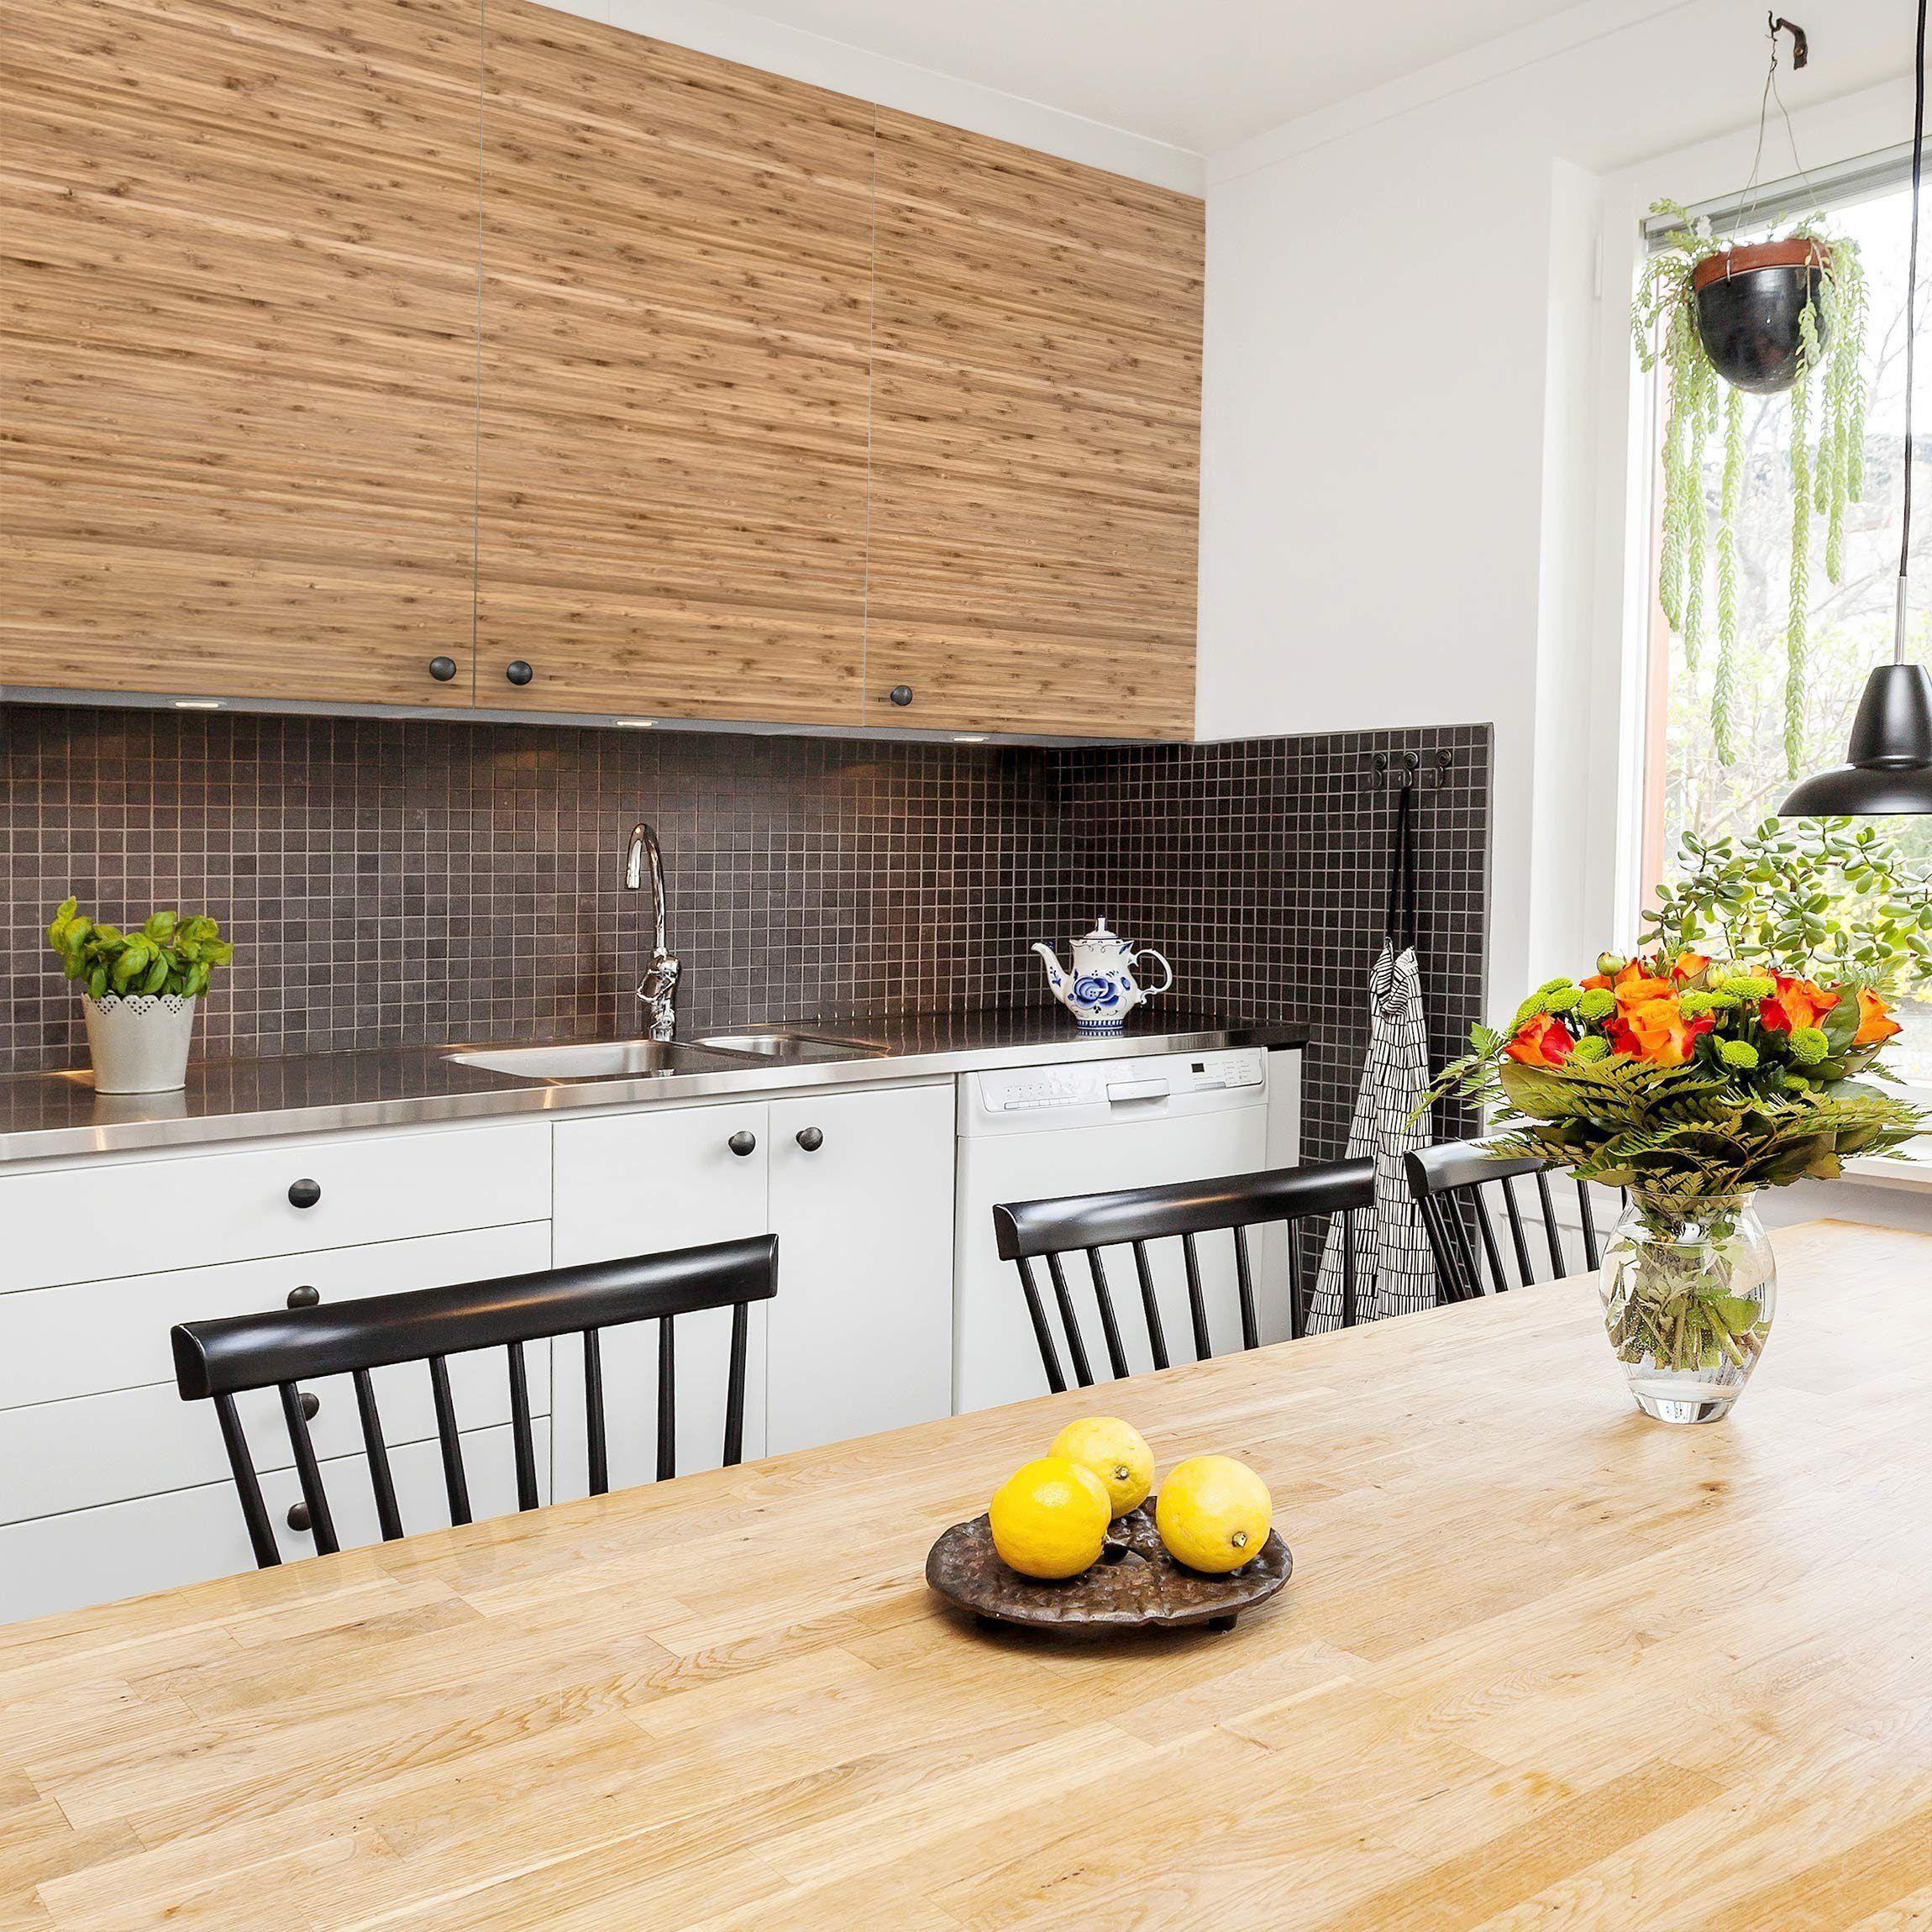 Küchenfronten lackieren » Tipps für die Umgestaltung  Folie für